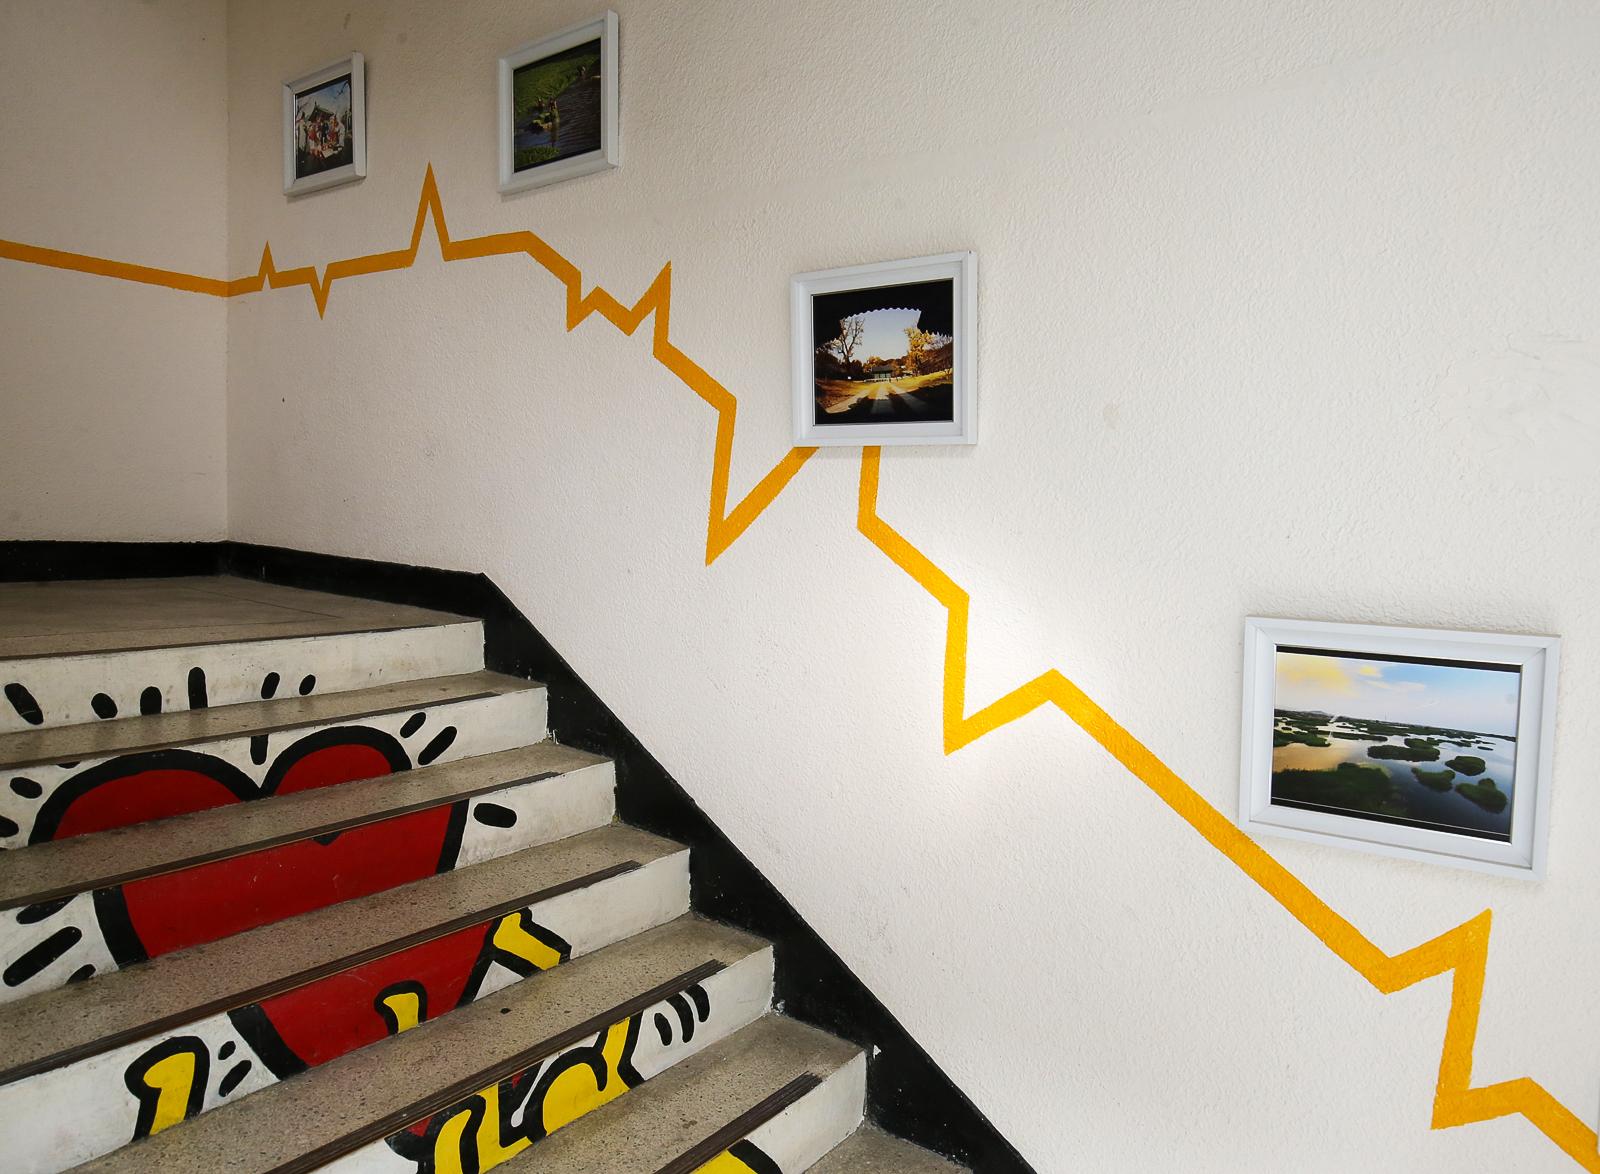 전주시민놀이터 복도 및 계단 모습. 프리랜서 장정필